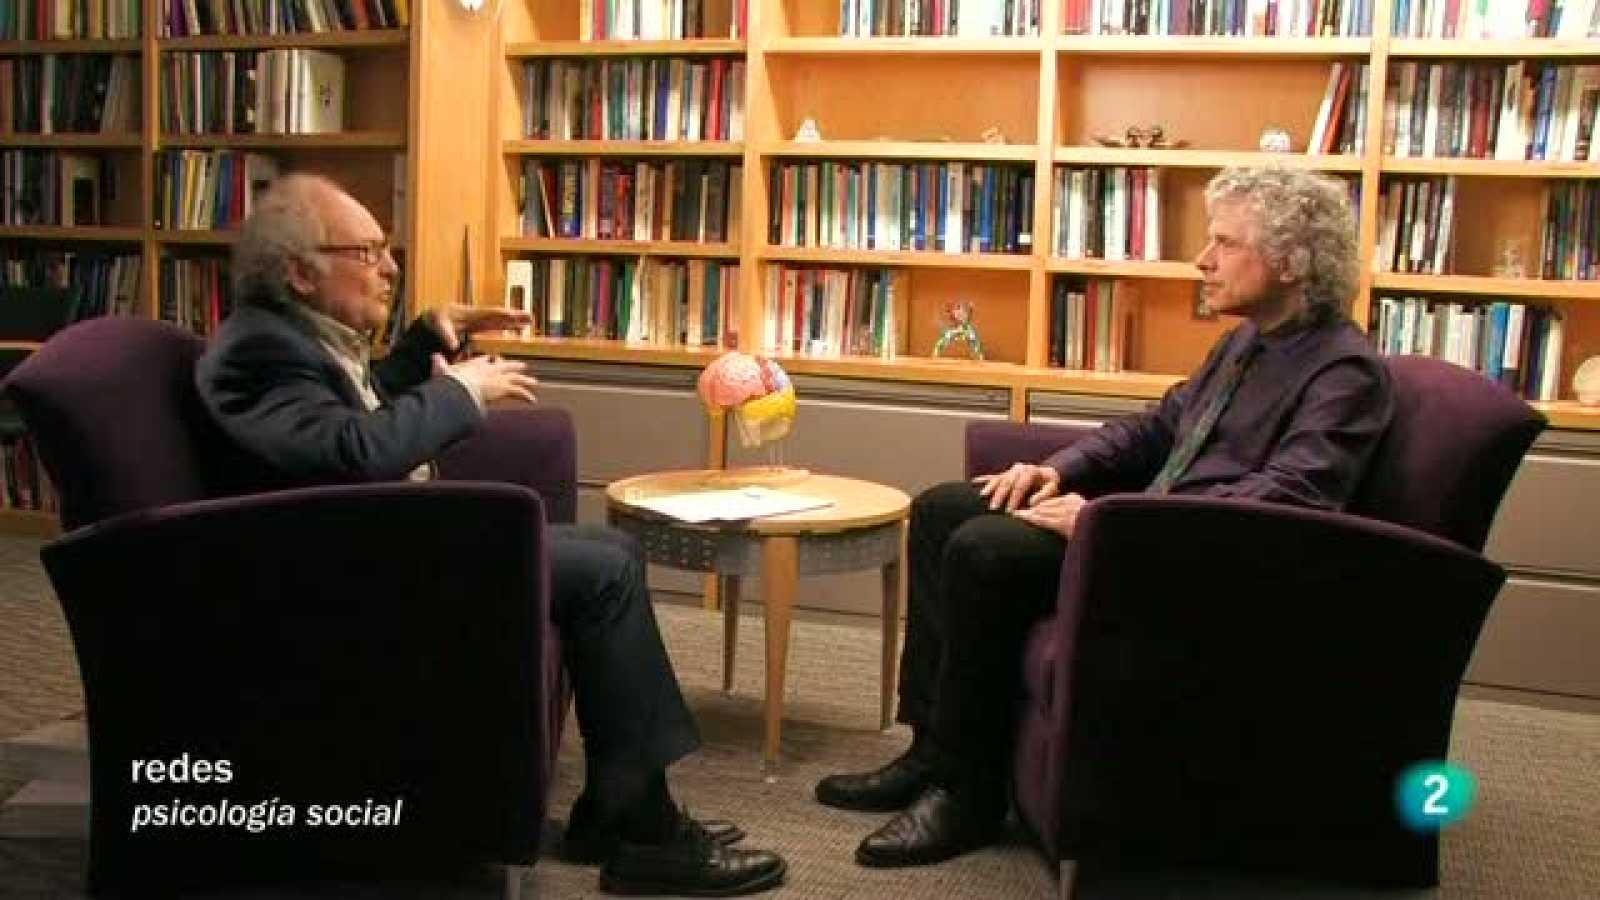 Redes - El Declive de la violencia - Steven Pinker